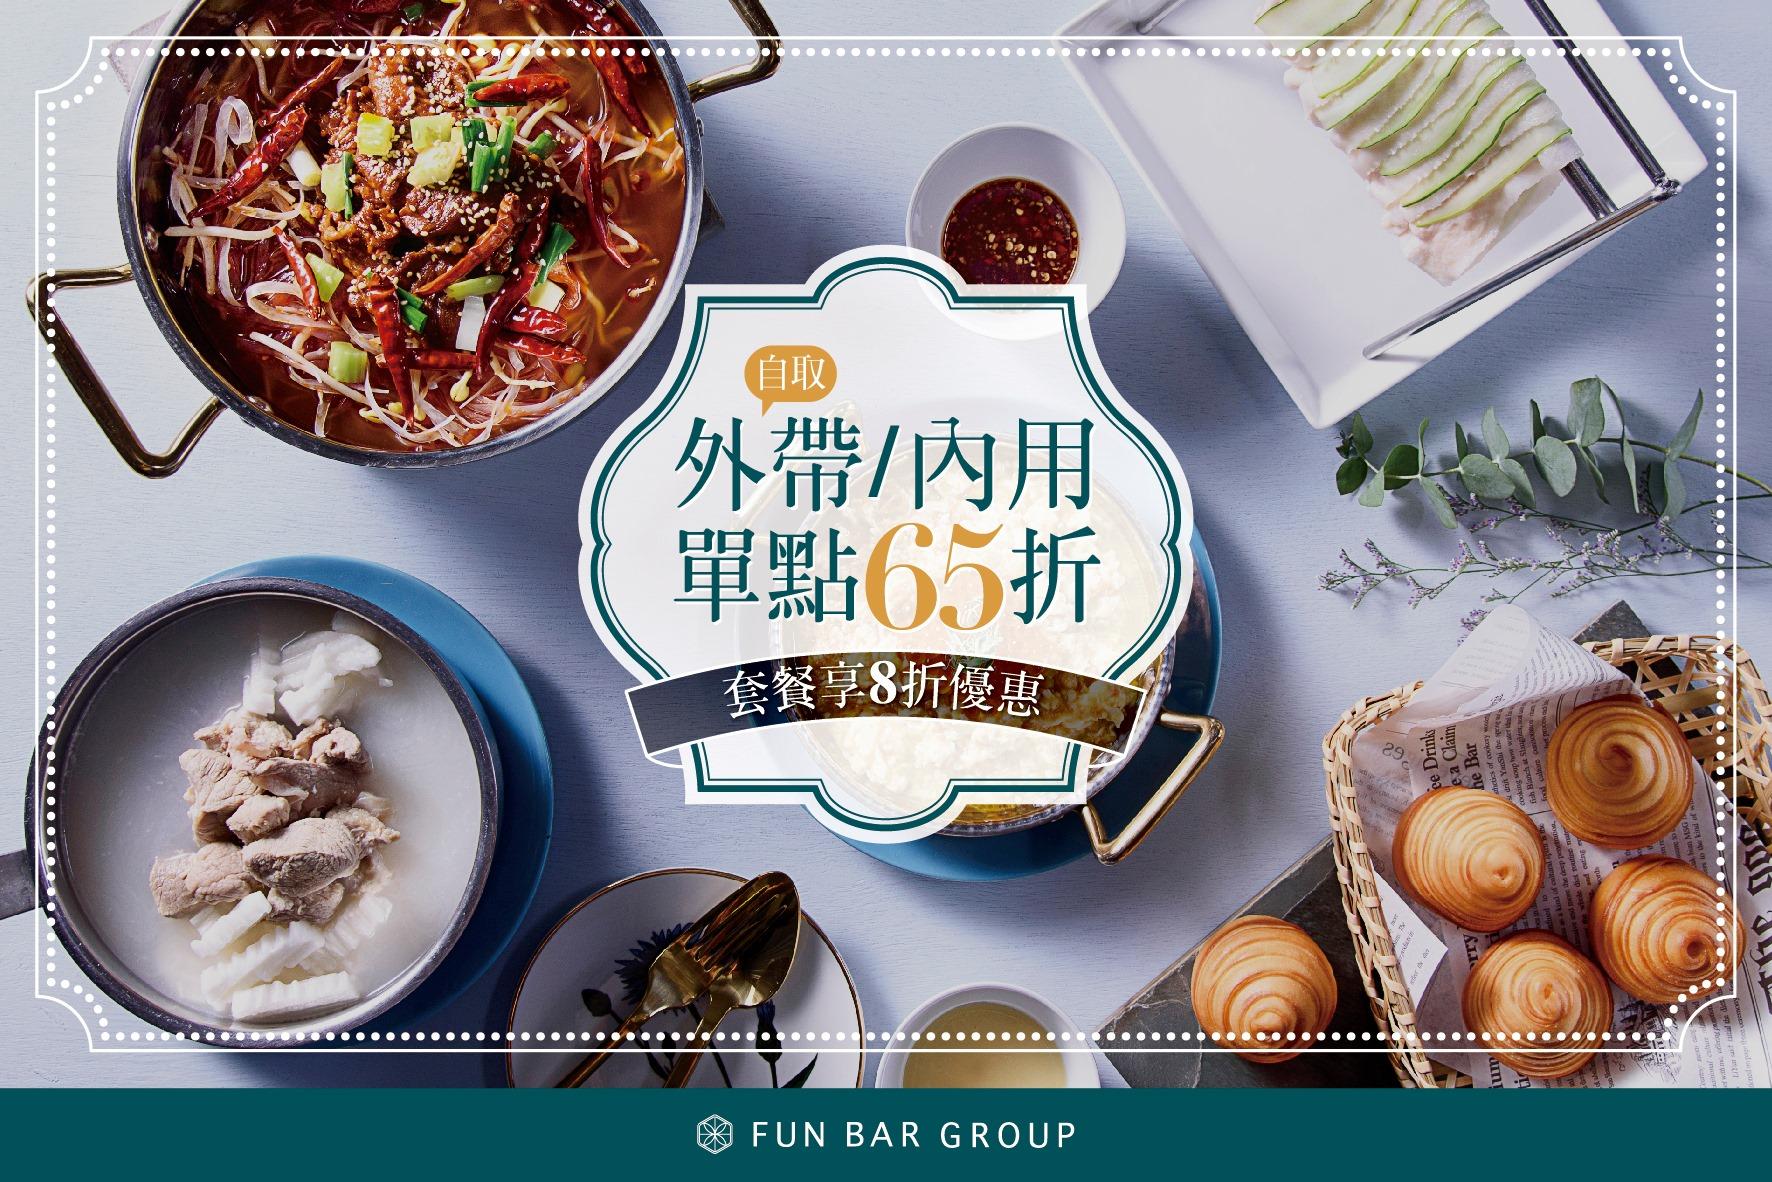 台北外帶美食 優惠餐廳總整理 防疫期間外帶優惠總整理! 連鎖品牌外帶優惠懶人包 106